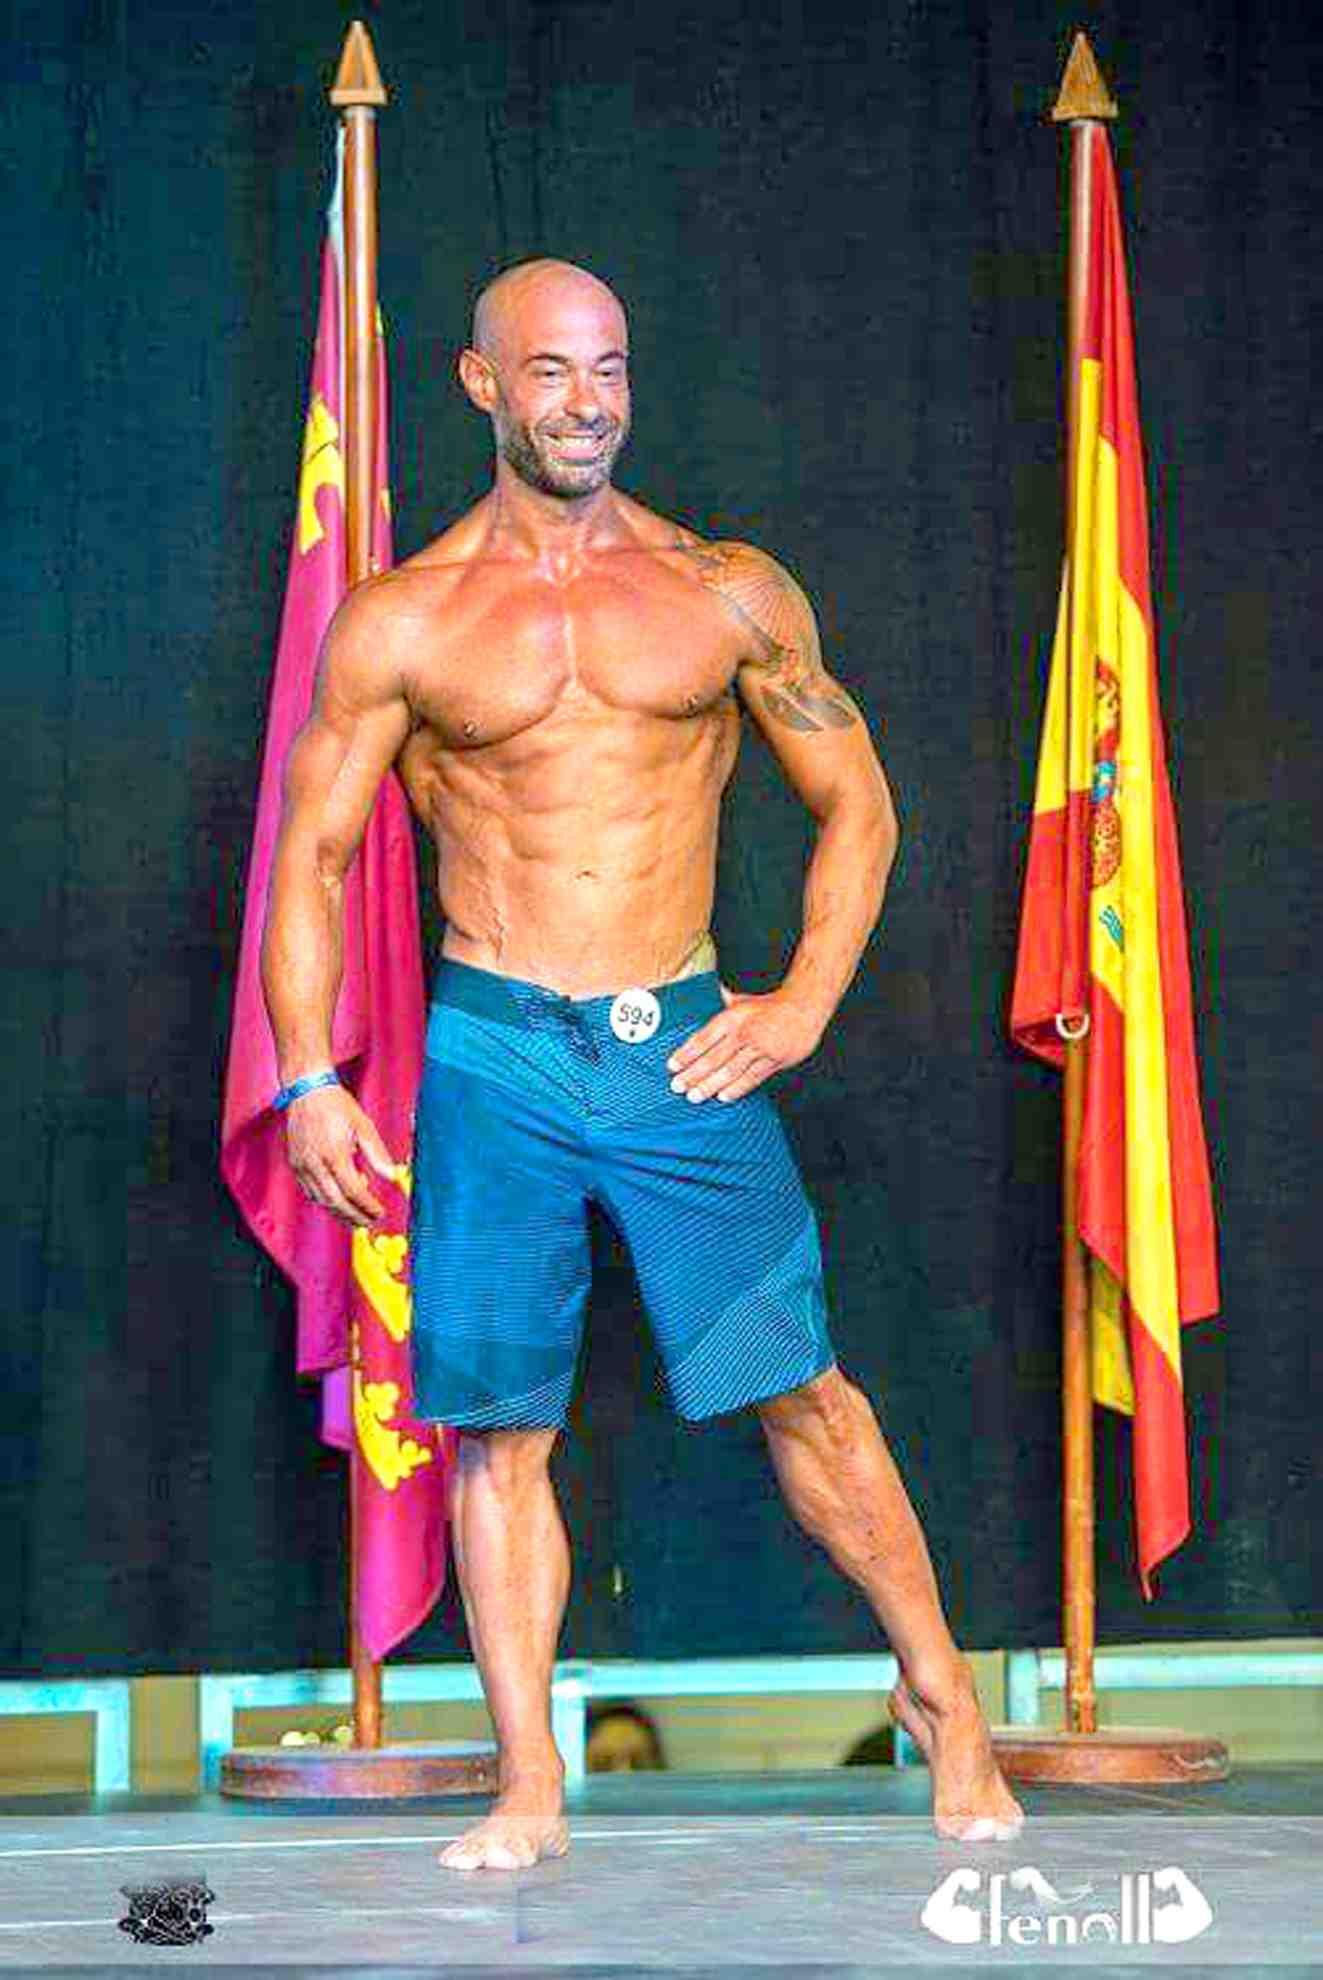 El culturista ibense Juanjo Mira gana el Campeonato IronBaby en Los Alcázares (Murcia)